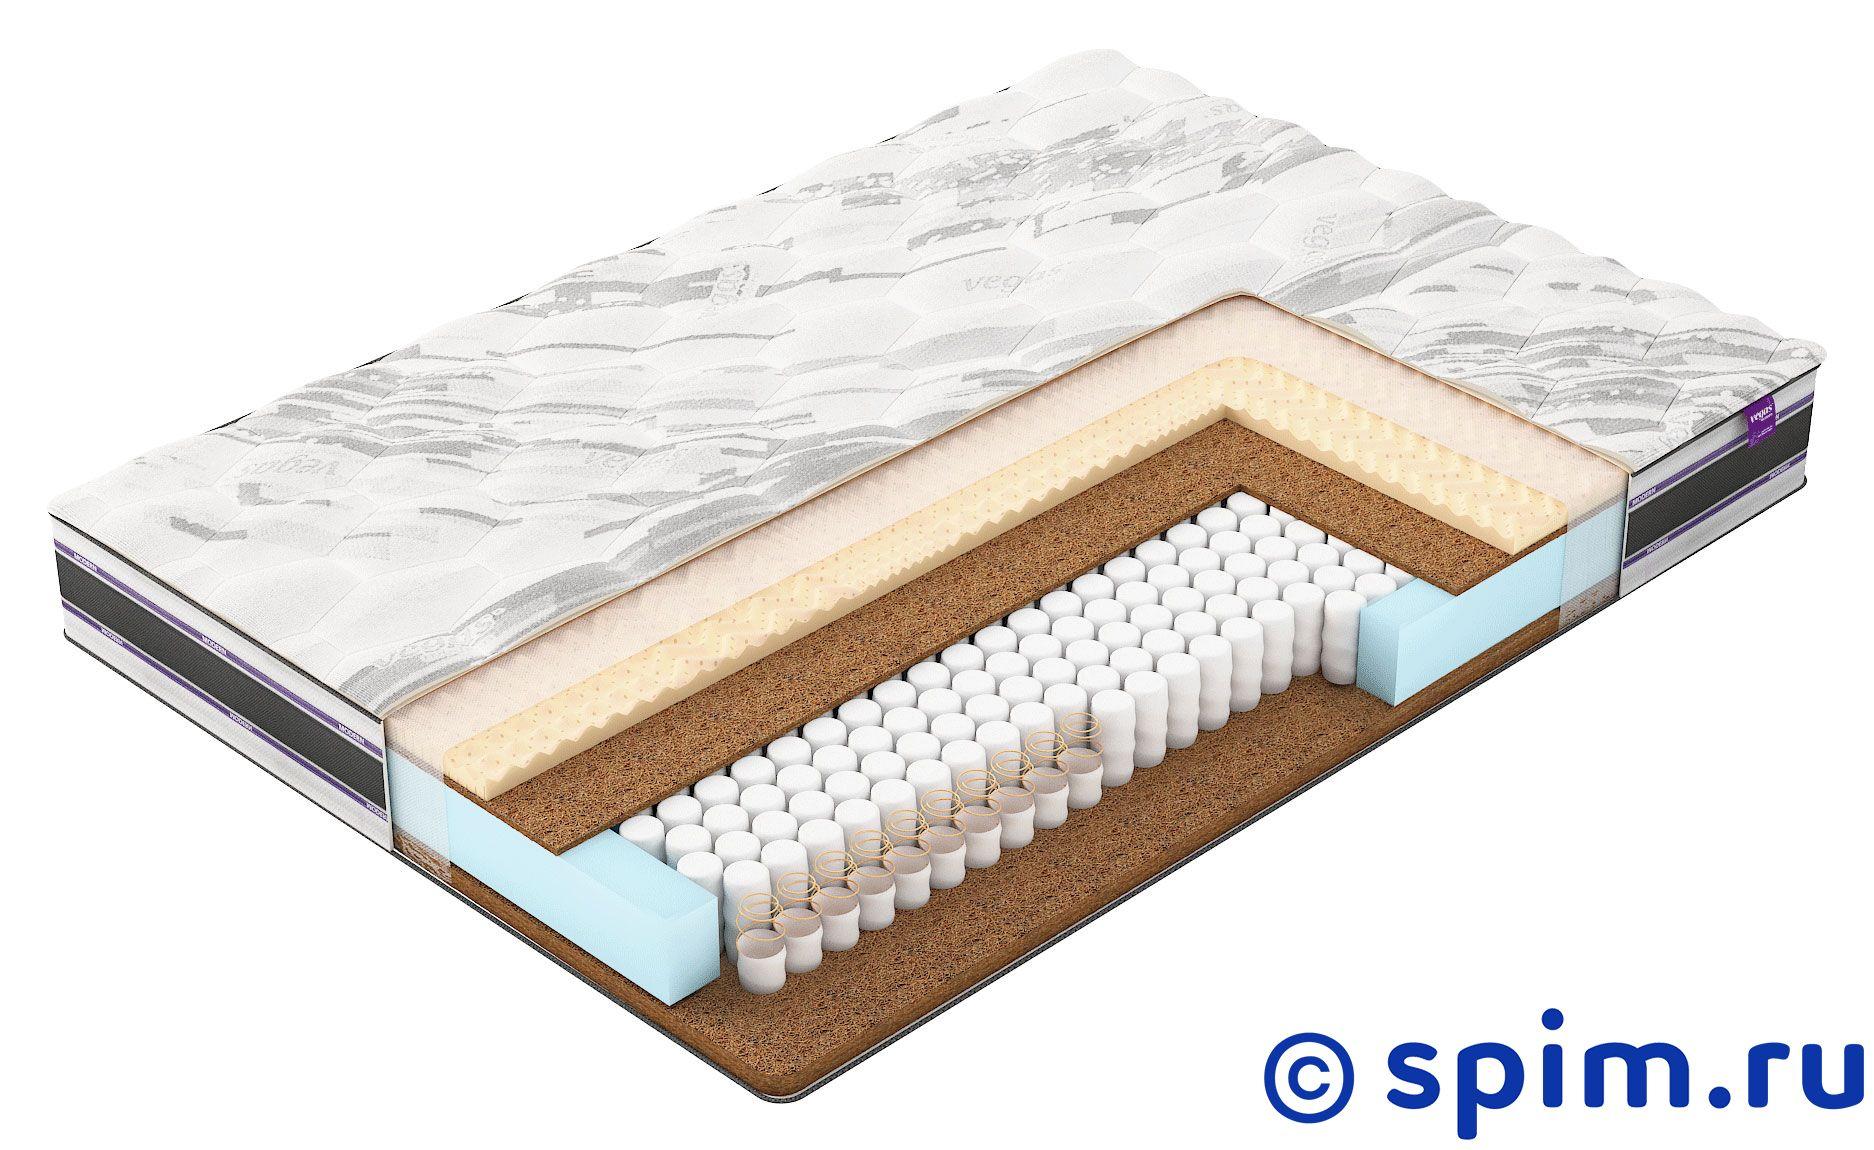 Матрас Вегас M4 130х200 смМатрасы Vegas Modern<br>Разносторонний матрас на независимых пружинах CopperCoil X1200 (296 шт/м2): средней жесткости со стороны climalatex и кокоса и жесткий со стороны кокоса. Съемный чехол из трикотажной ткани Smartcel Sensitive. Нагрузка: 130 кг. Высота: 23 см. Размер Vegas M4: 130 x 200 см<br><br>Ширина см: 130<br>Длина см: 200